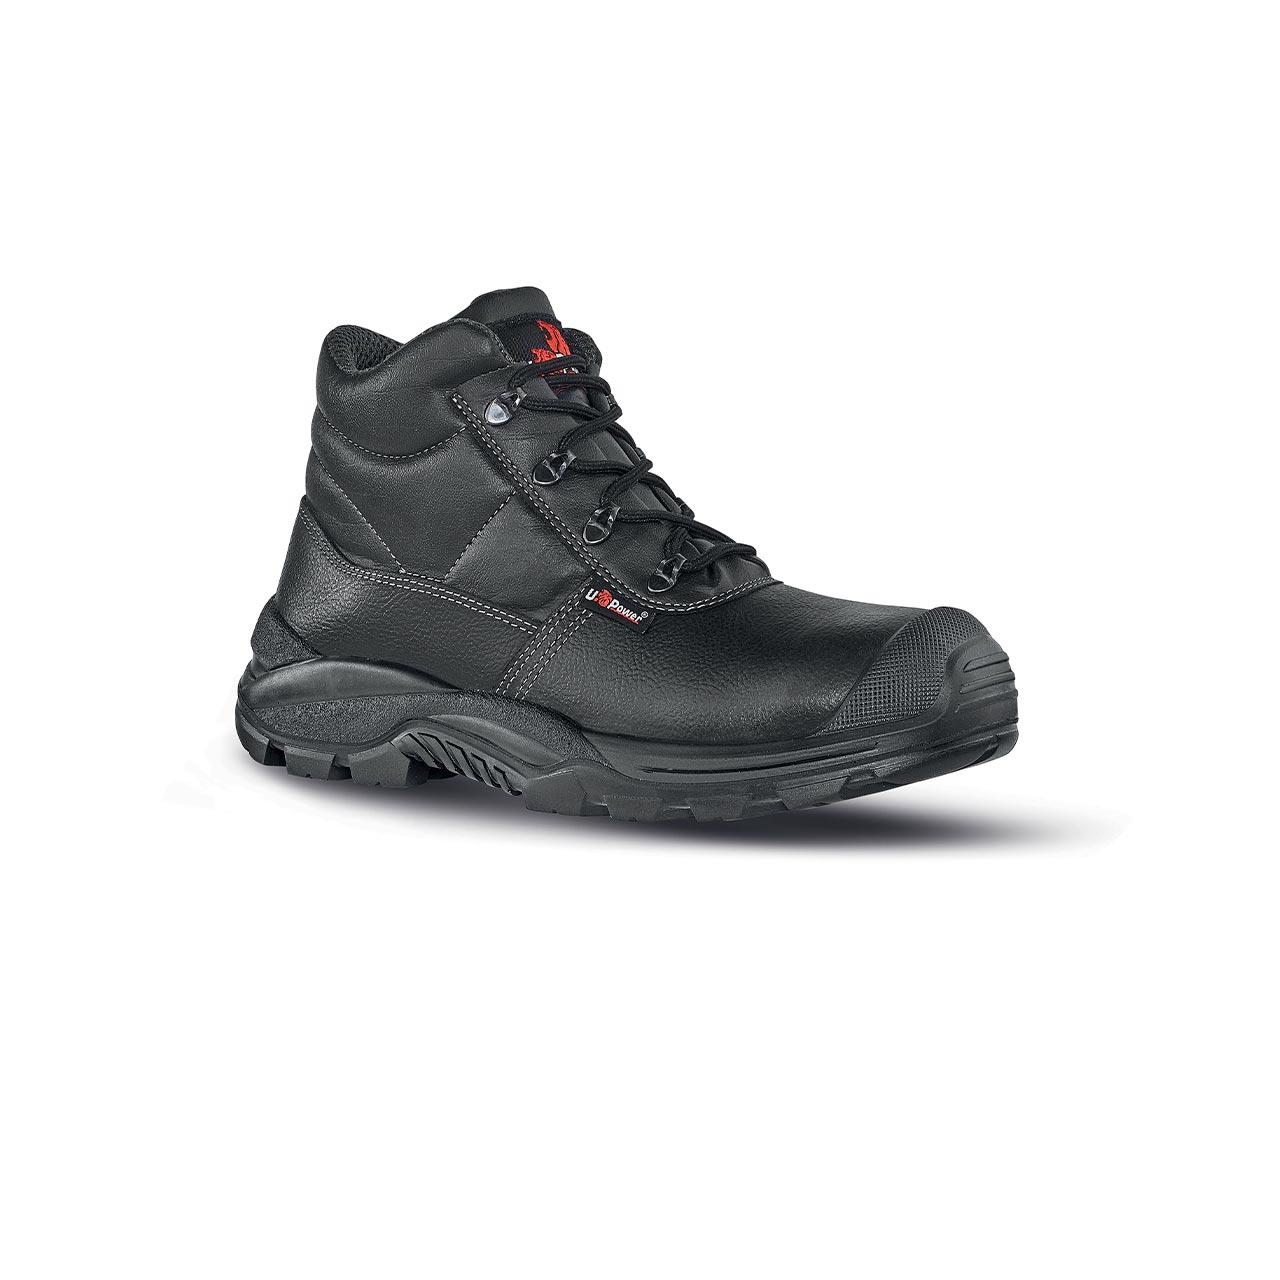 scarpa antinfortunistica upower modello jaguaruk linea conceptplus vista laterale